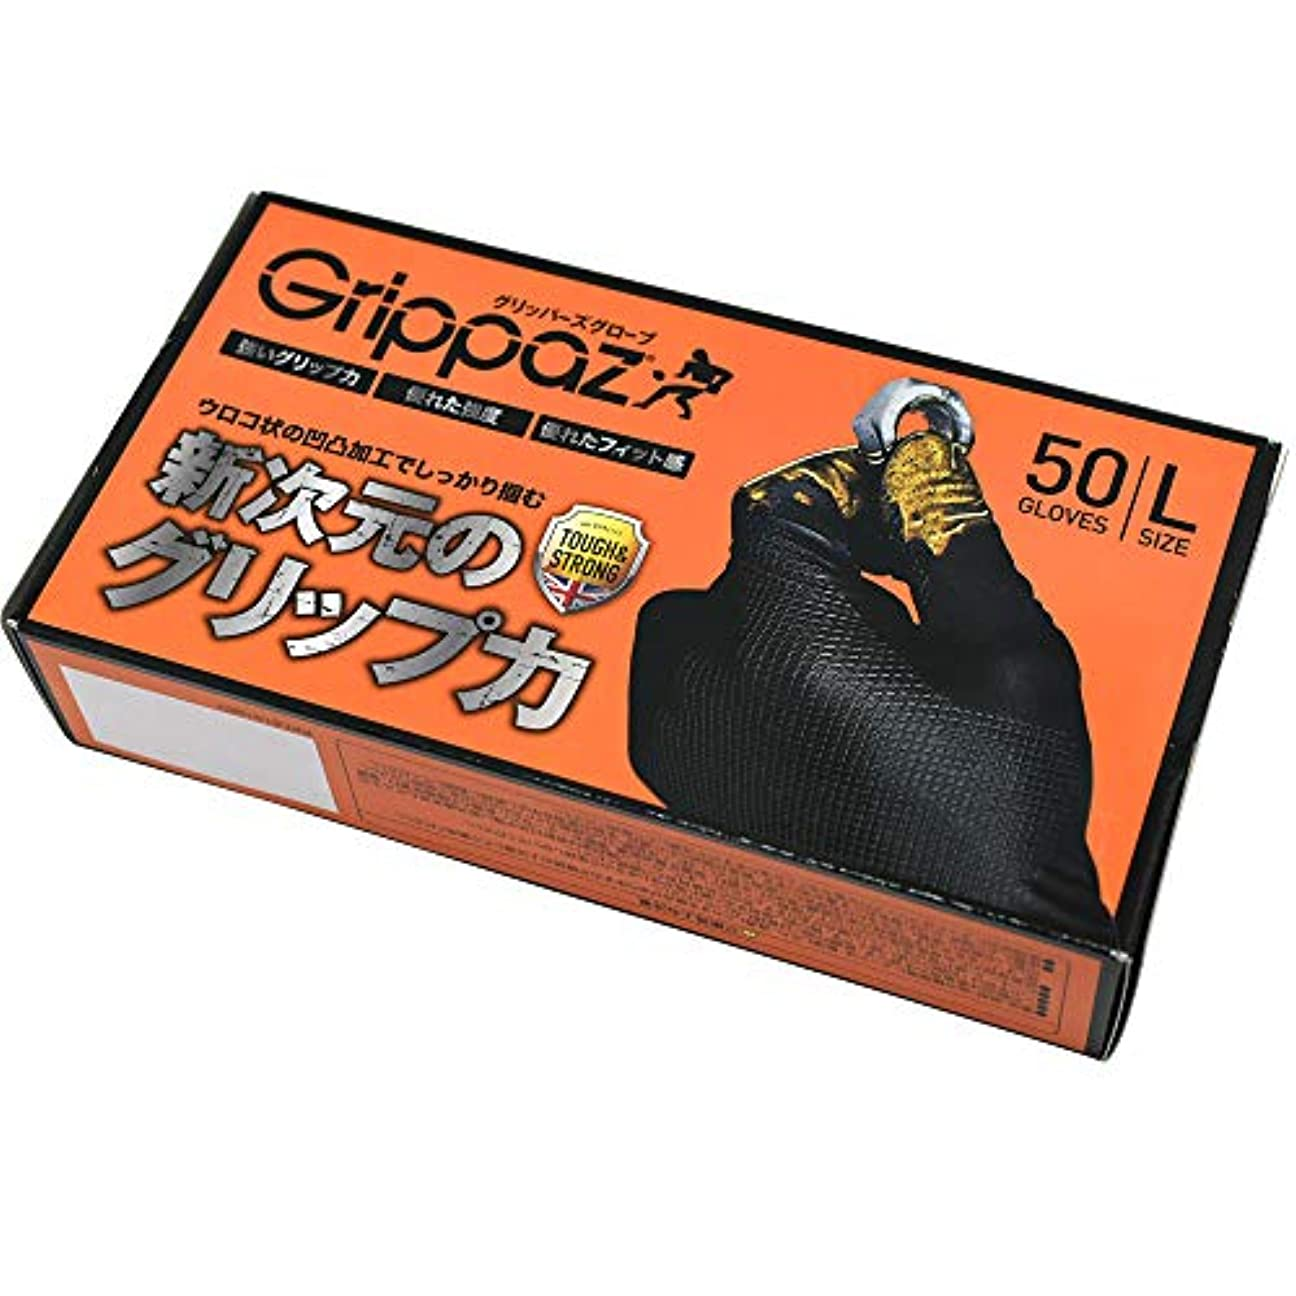 練習解任動機原田産業 ニトリル手袋 グリッパーズグローブ 50枚入 Lサイズ パウダーフリー 左右兼用 自動車整備 メンテナンス